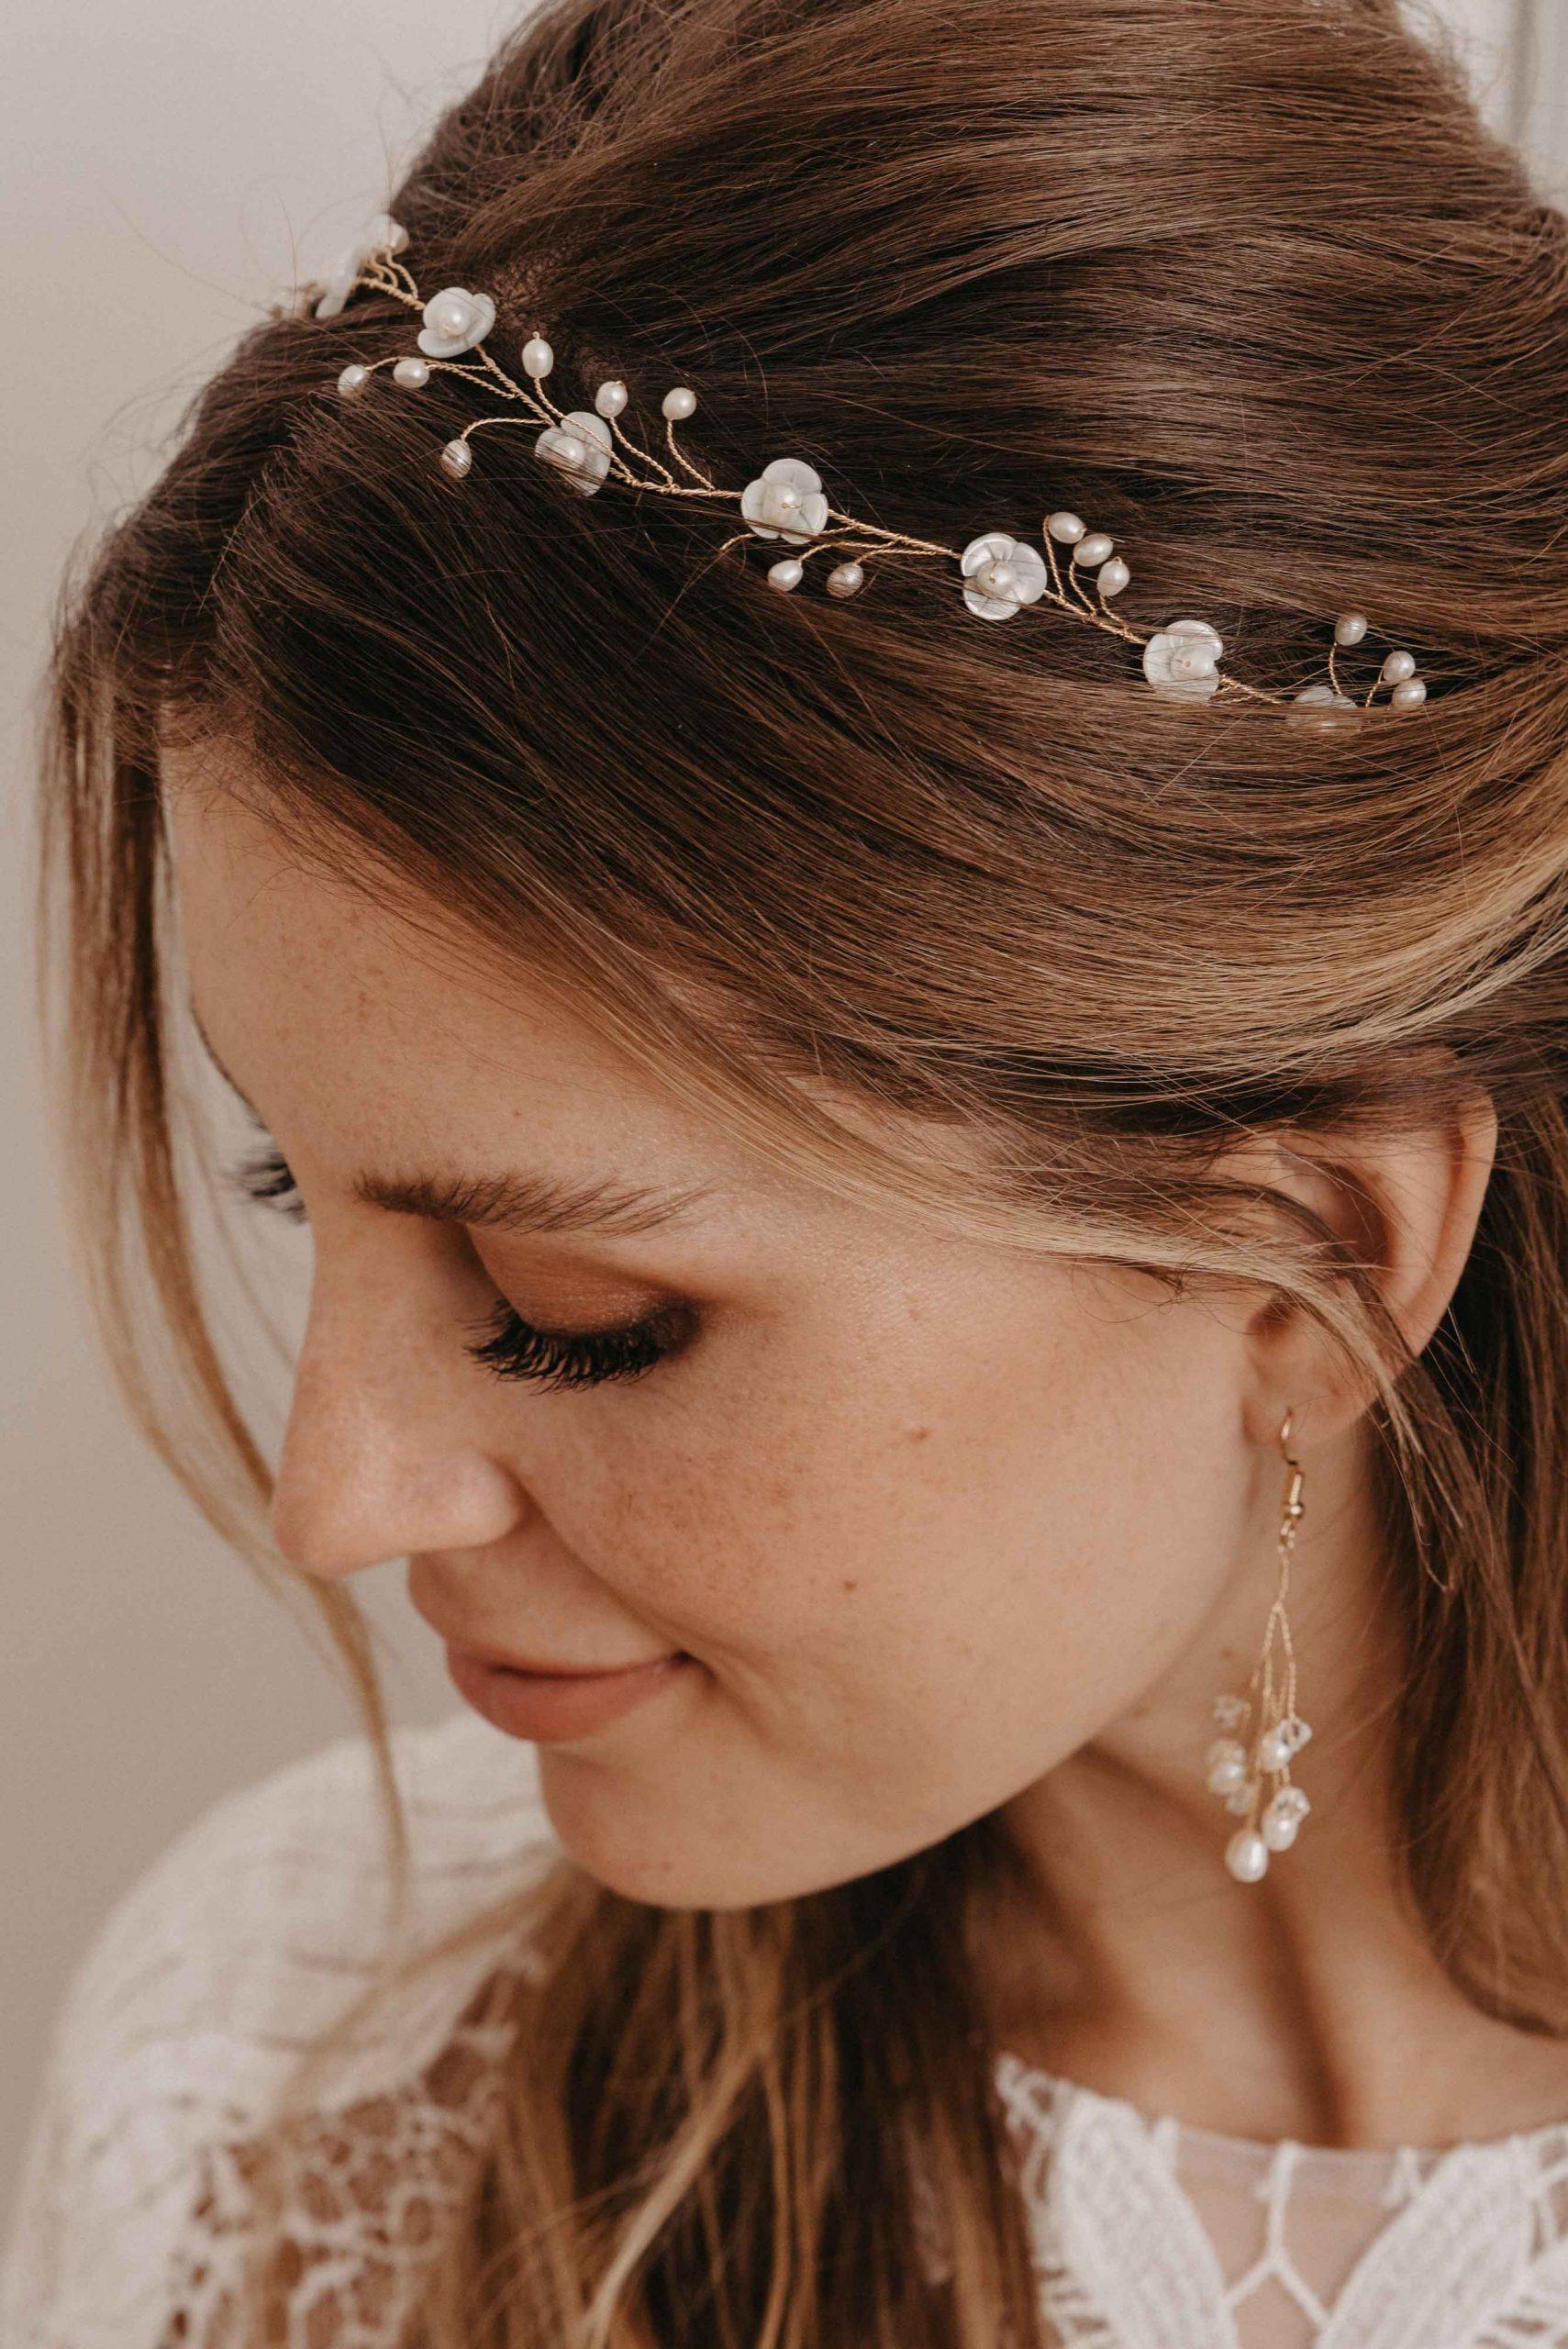 Blossom Haarband gold - Brautschmuck von Oonce